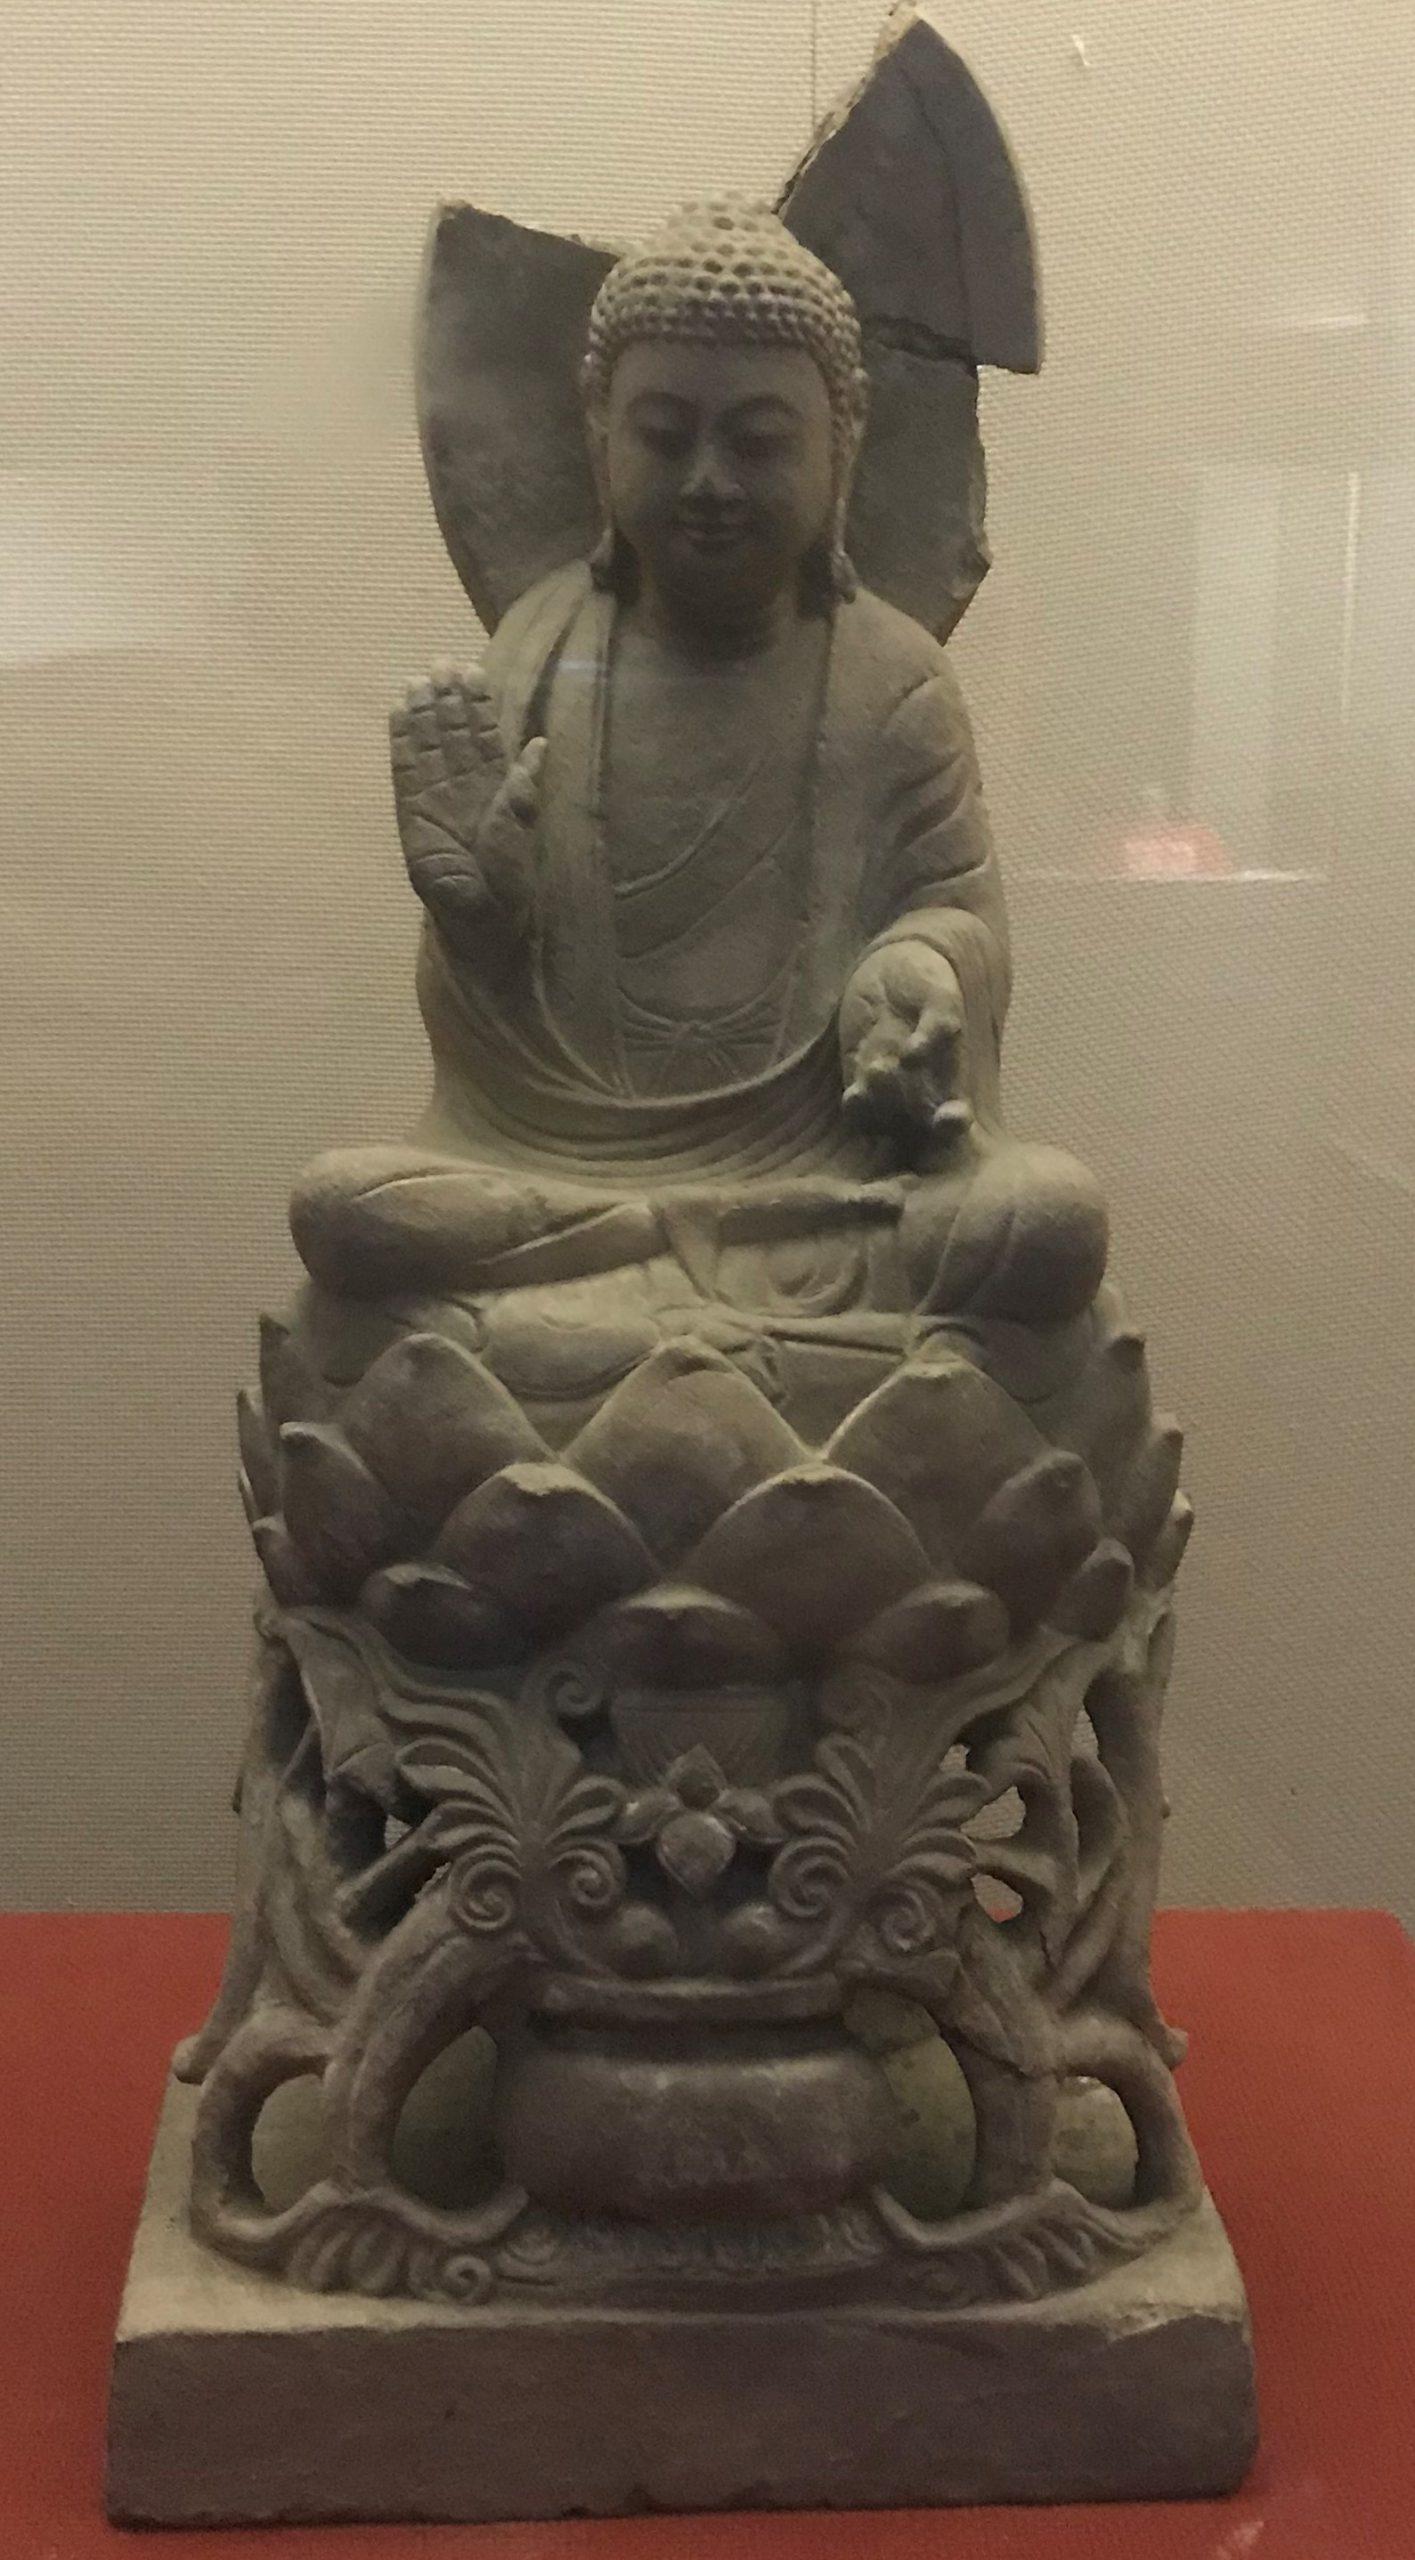 仏坐像3-隋・唐初期-四川万仏寺石刻館-四川博物院-成都